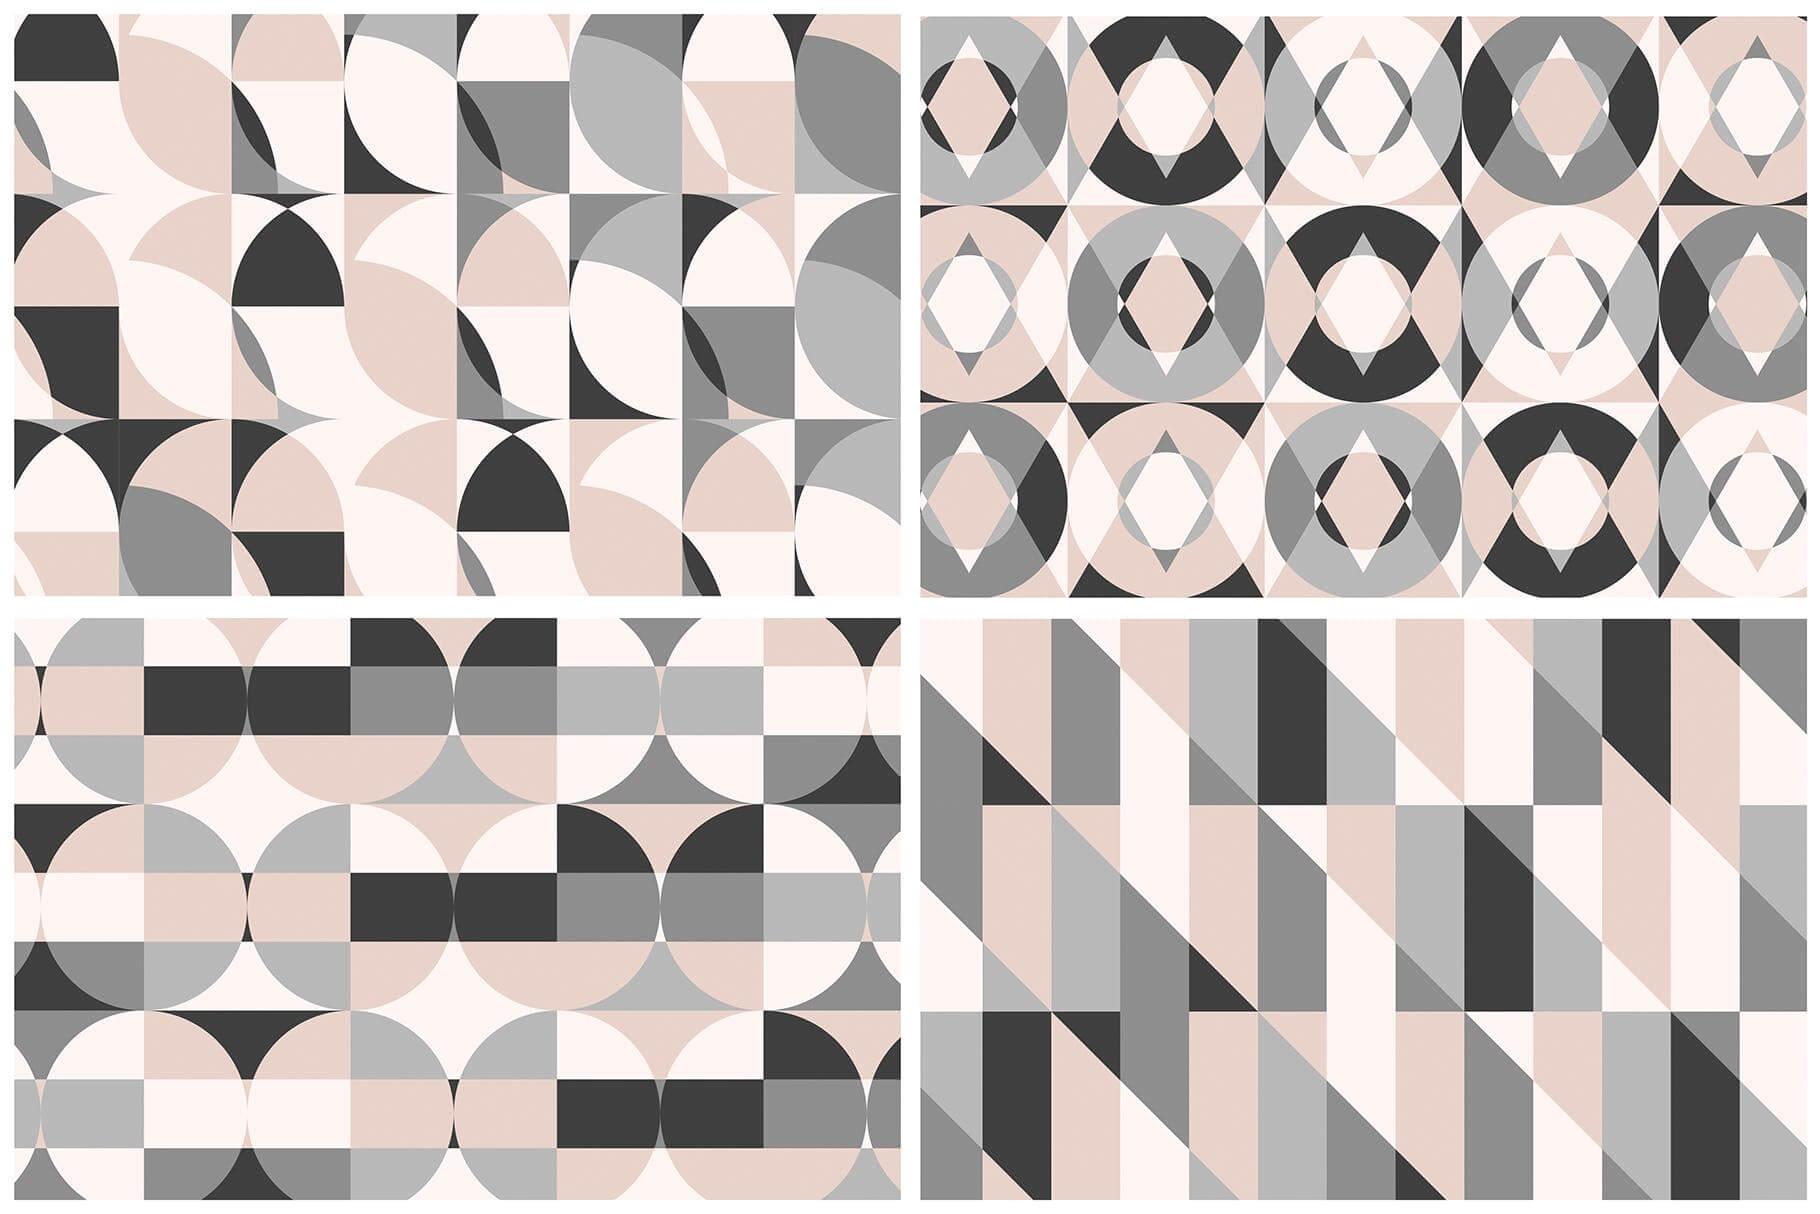 布艺面料装饰纹理图案花纹品牌辅助图形Geometric Play Patterns Tiles插图(10)